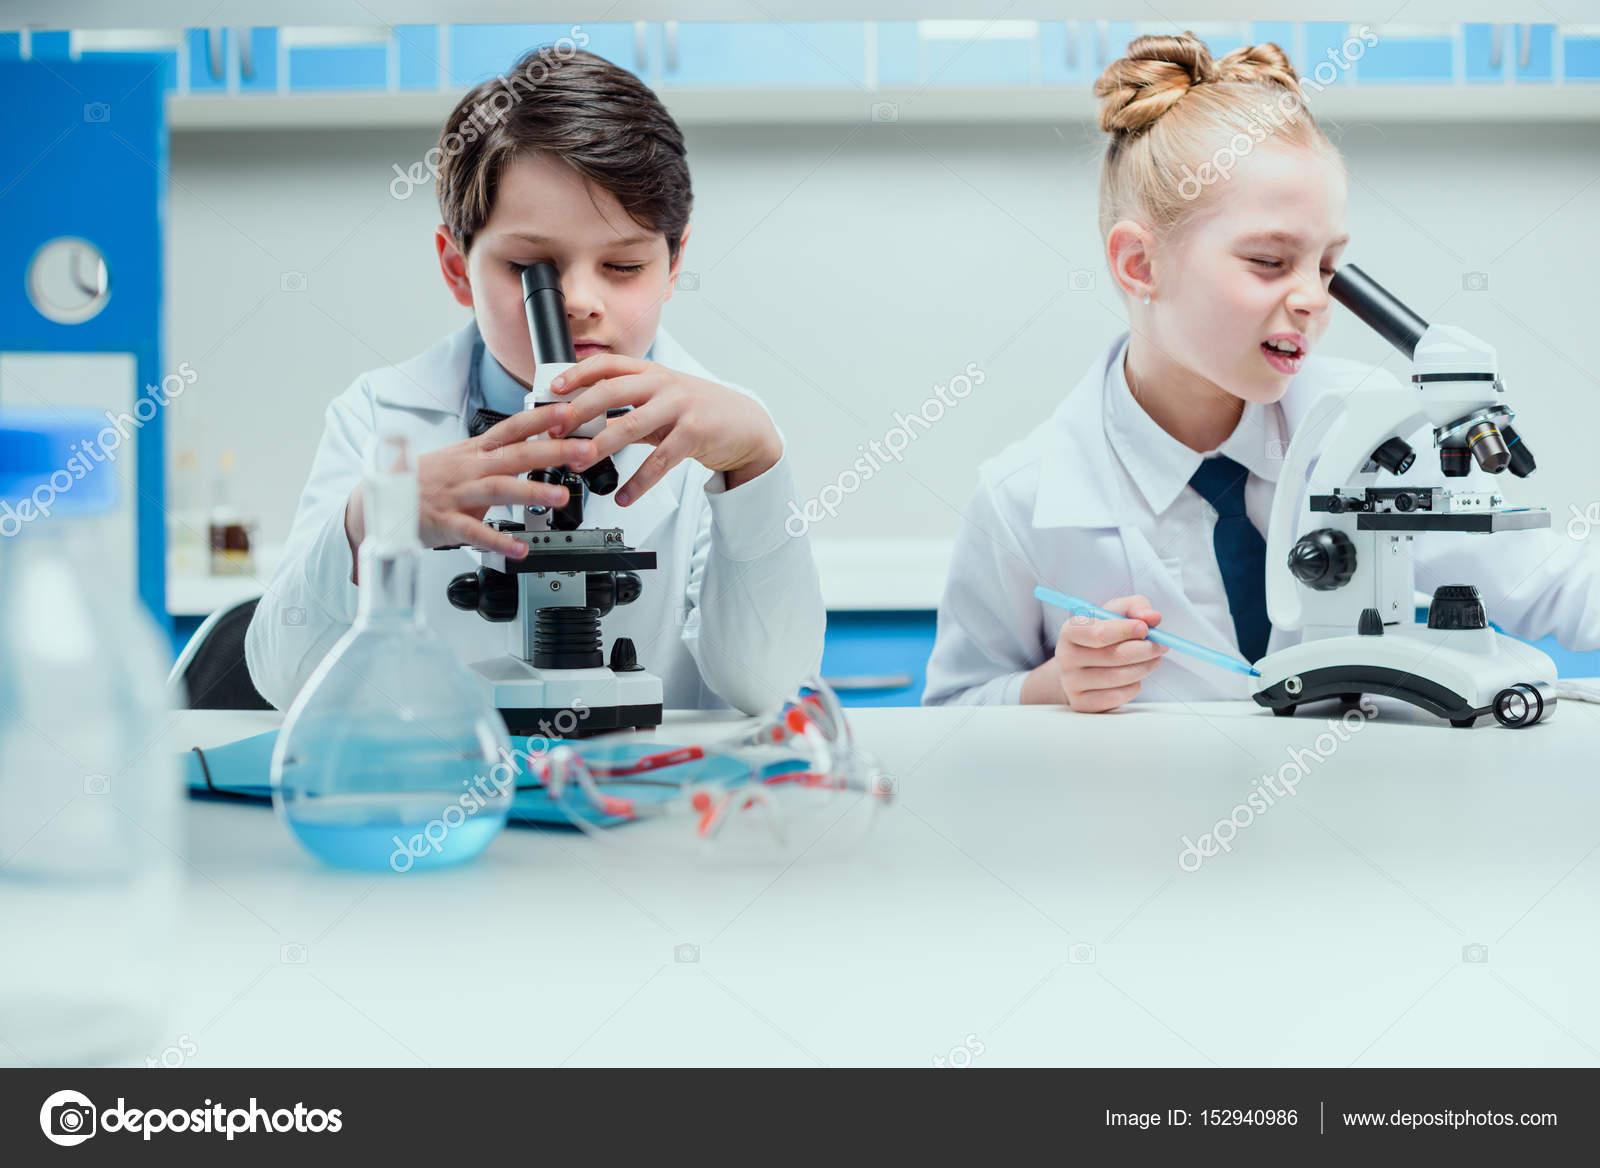 Kleine forscher im labor u2014 stockfoto © vikaovcharenko #152940986